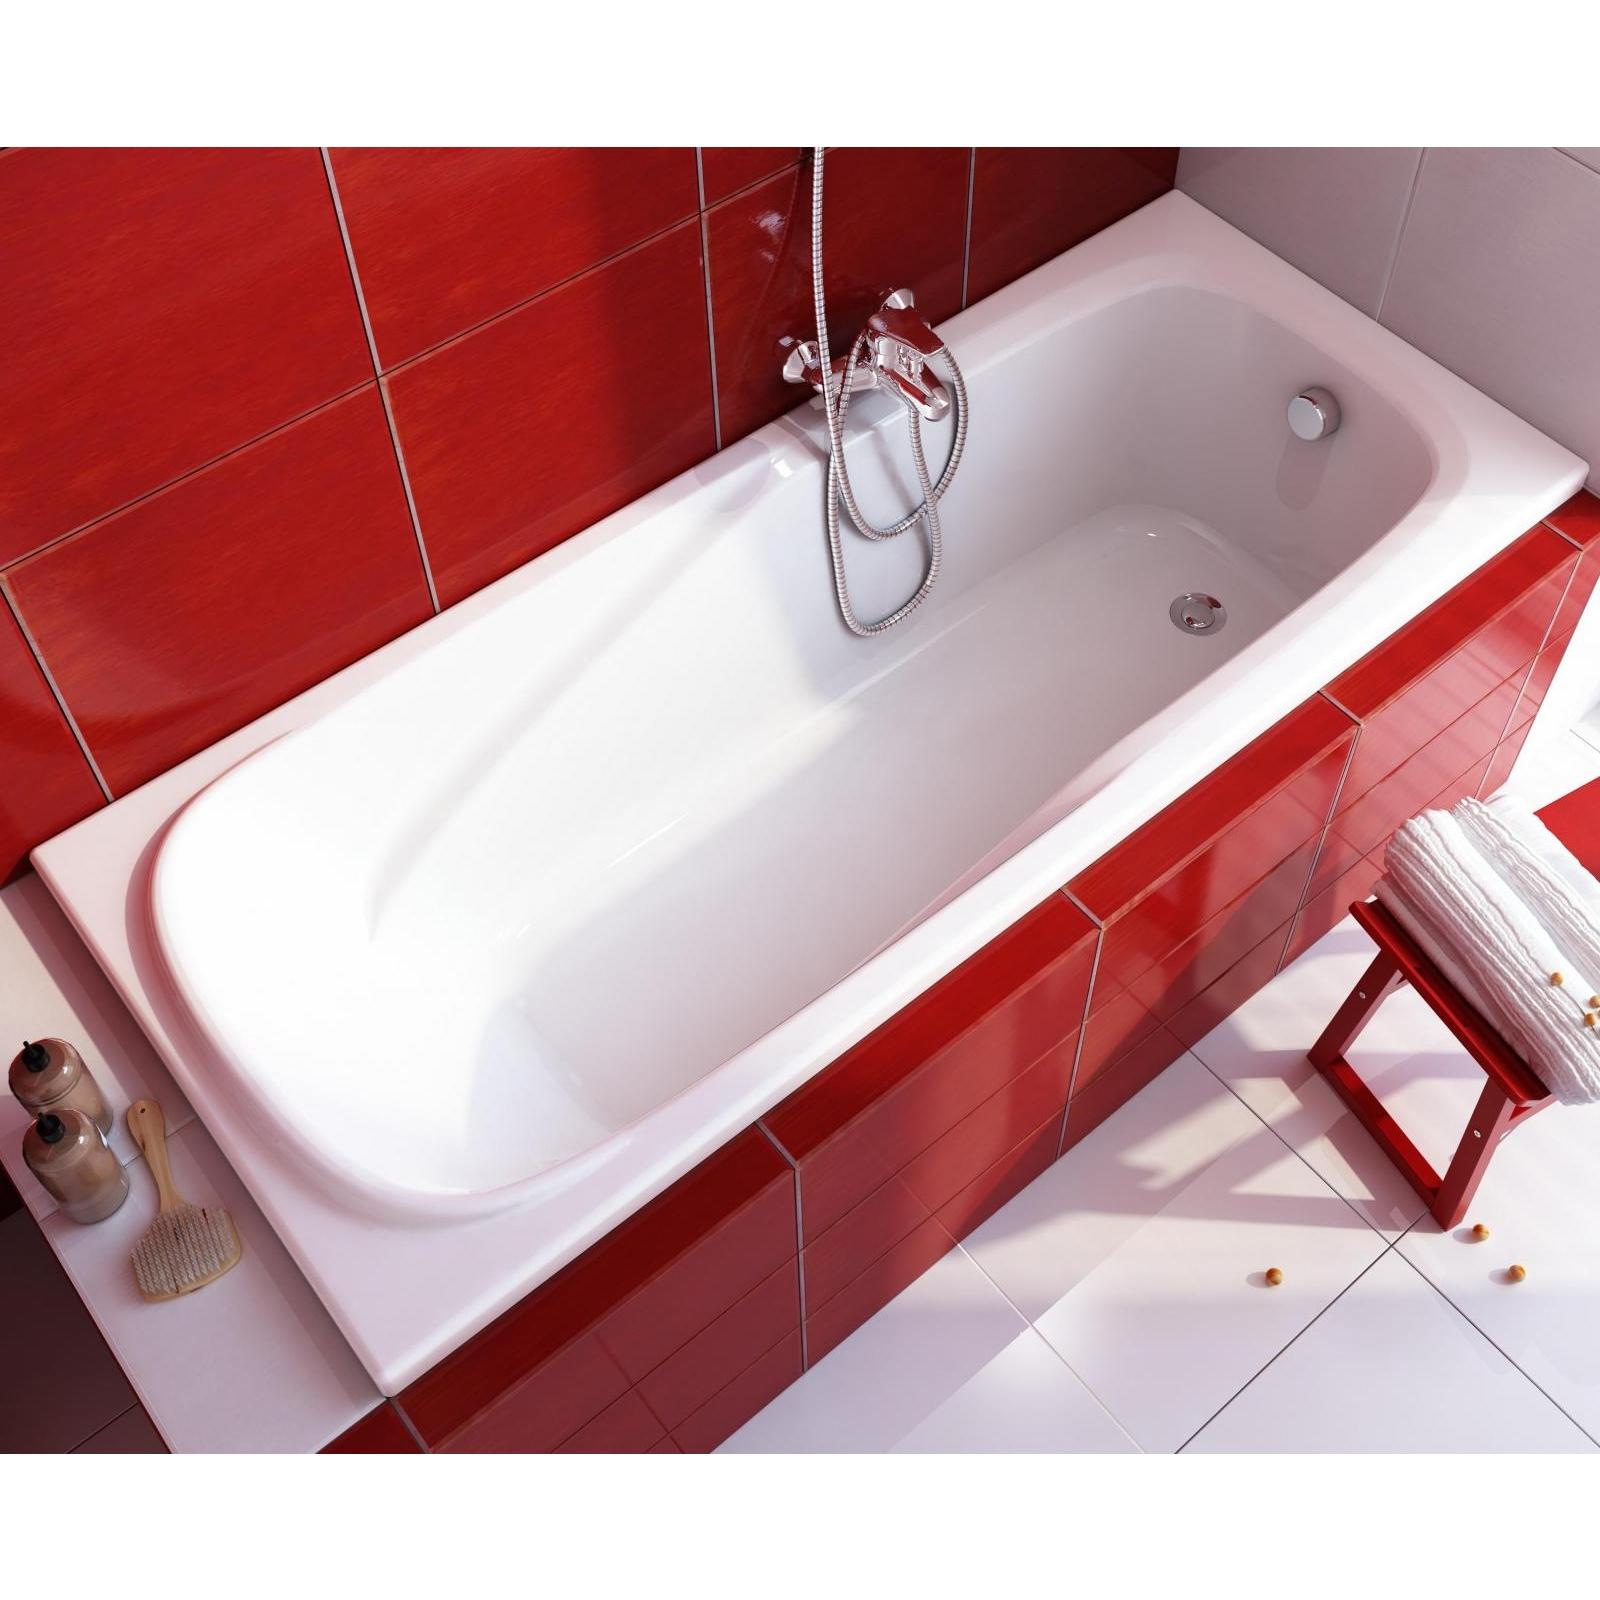 Фото ванны смотреть 29 фотография